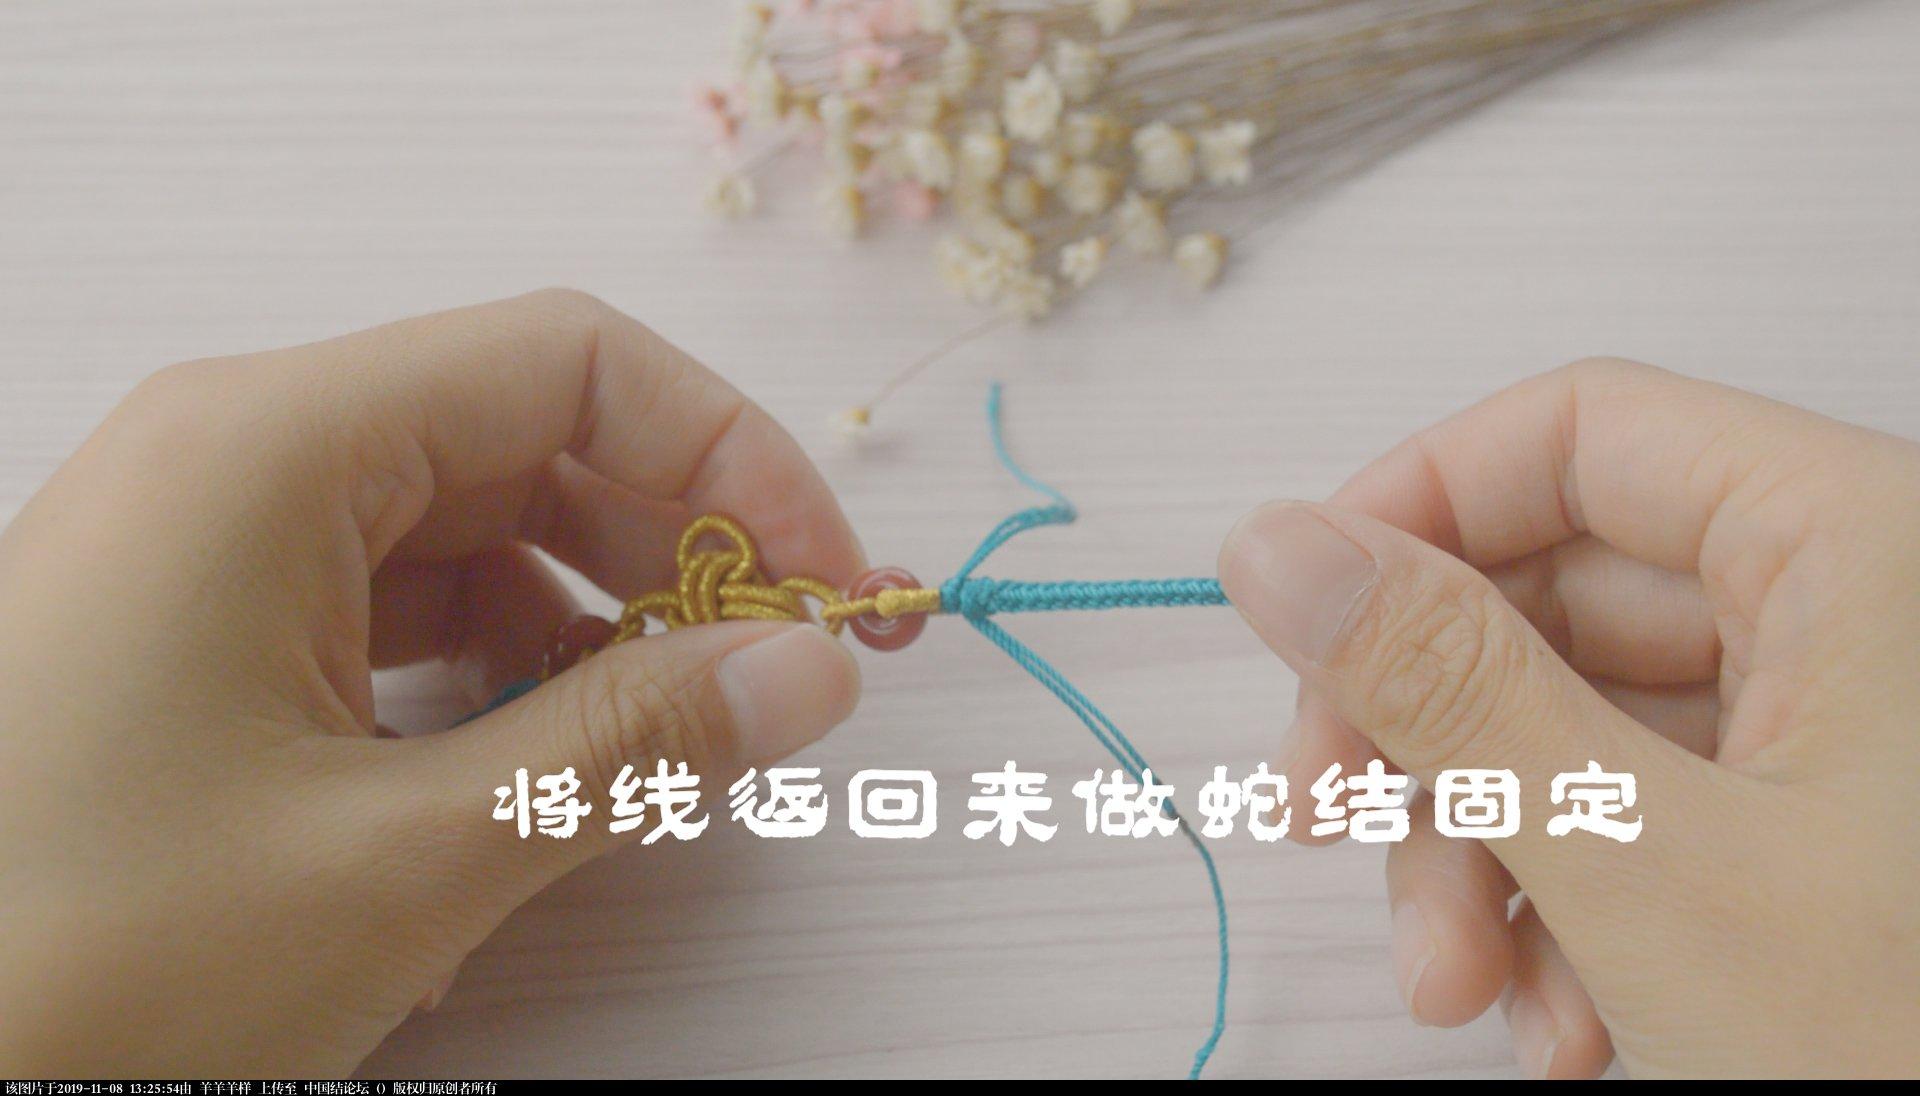 中国结论坛 冰花结只会用来做挂件?试试做一款属于自己的毛衣链,附视频教程  图文教程区 131853iemgpolh7eoo6le8